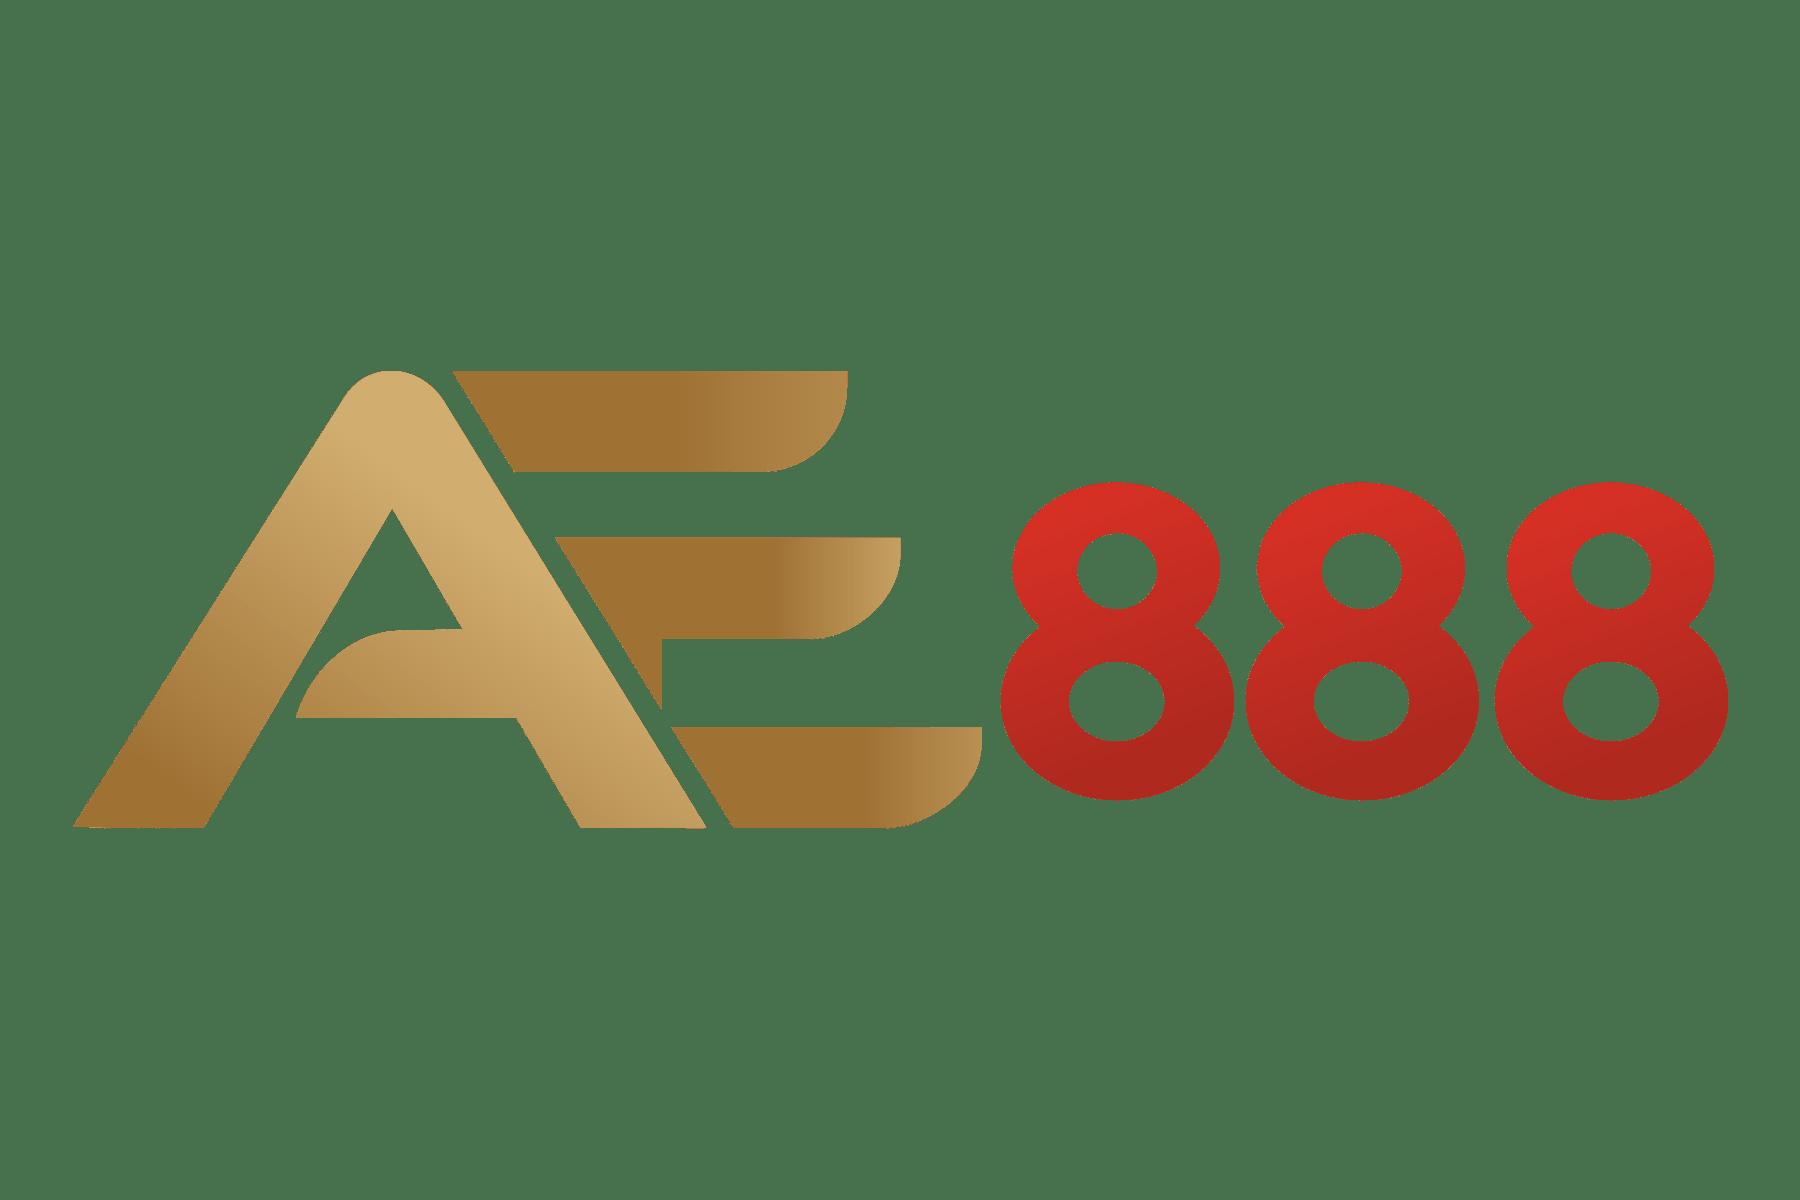 AE888-nha-cai